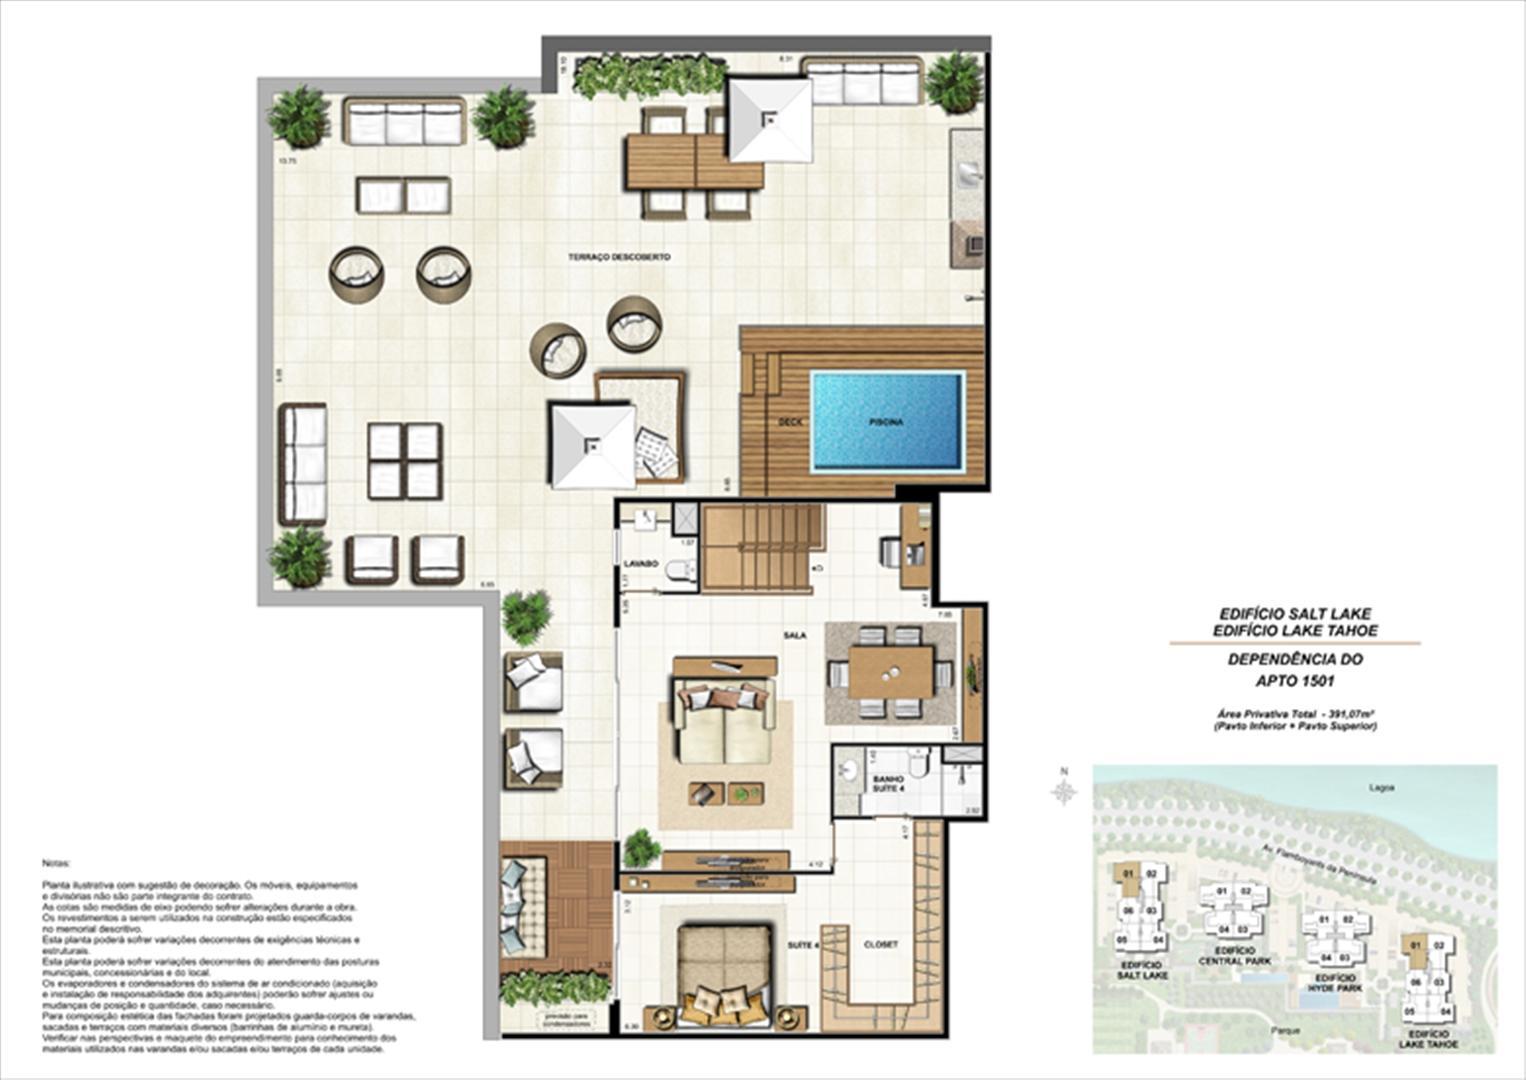 Ed. Salt Lake e Ed. Lake Tahoe - Cob. 391 m² (duplex - pav. superior) | 360º On The Park – Apartamento na  Barra da Tijuca - Rio de Janeiro - Rio de Janeiro